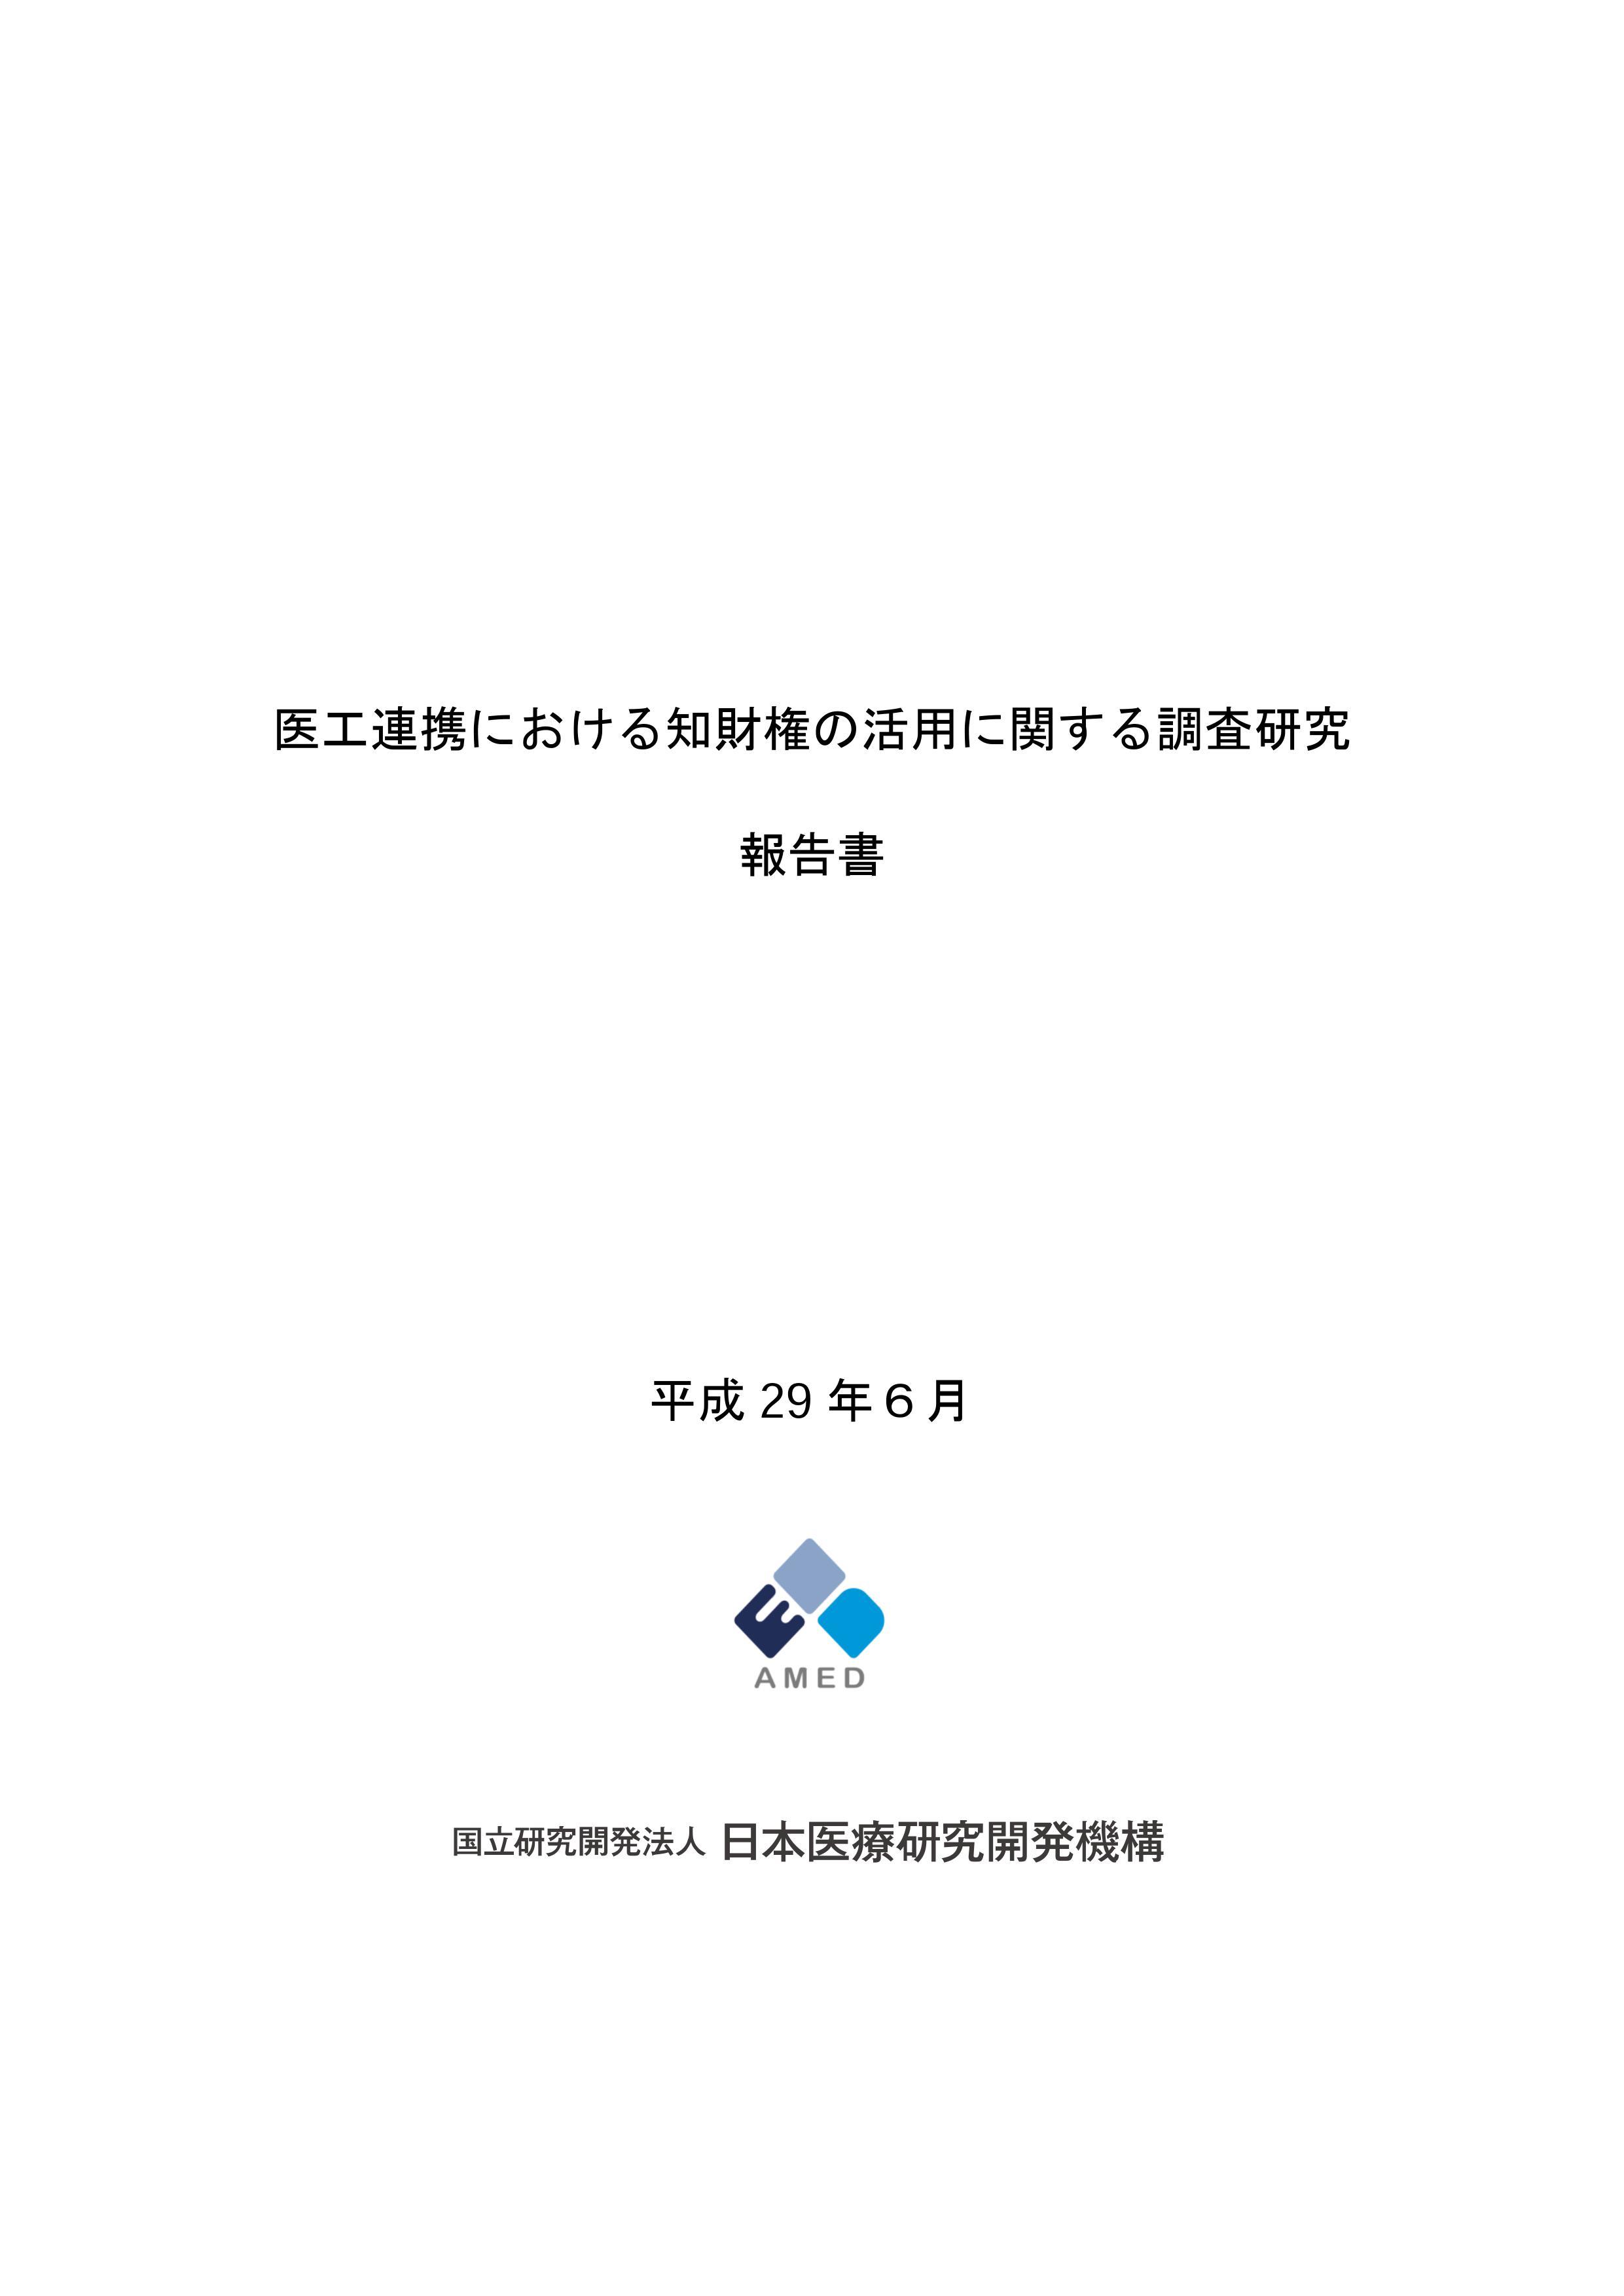 「医工連携における知財権の活用に関する調査研究報告書」